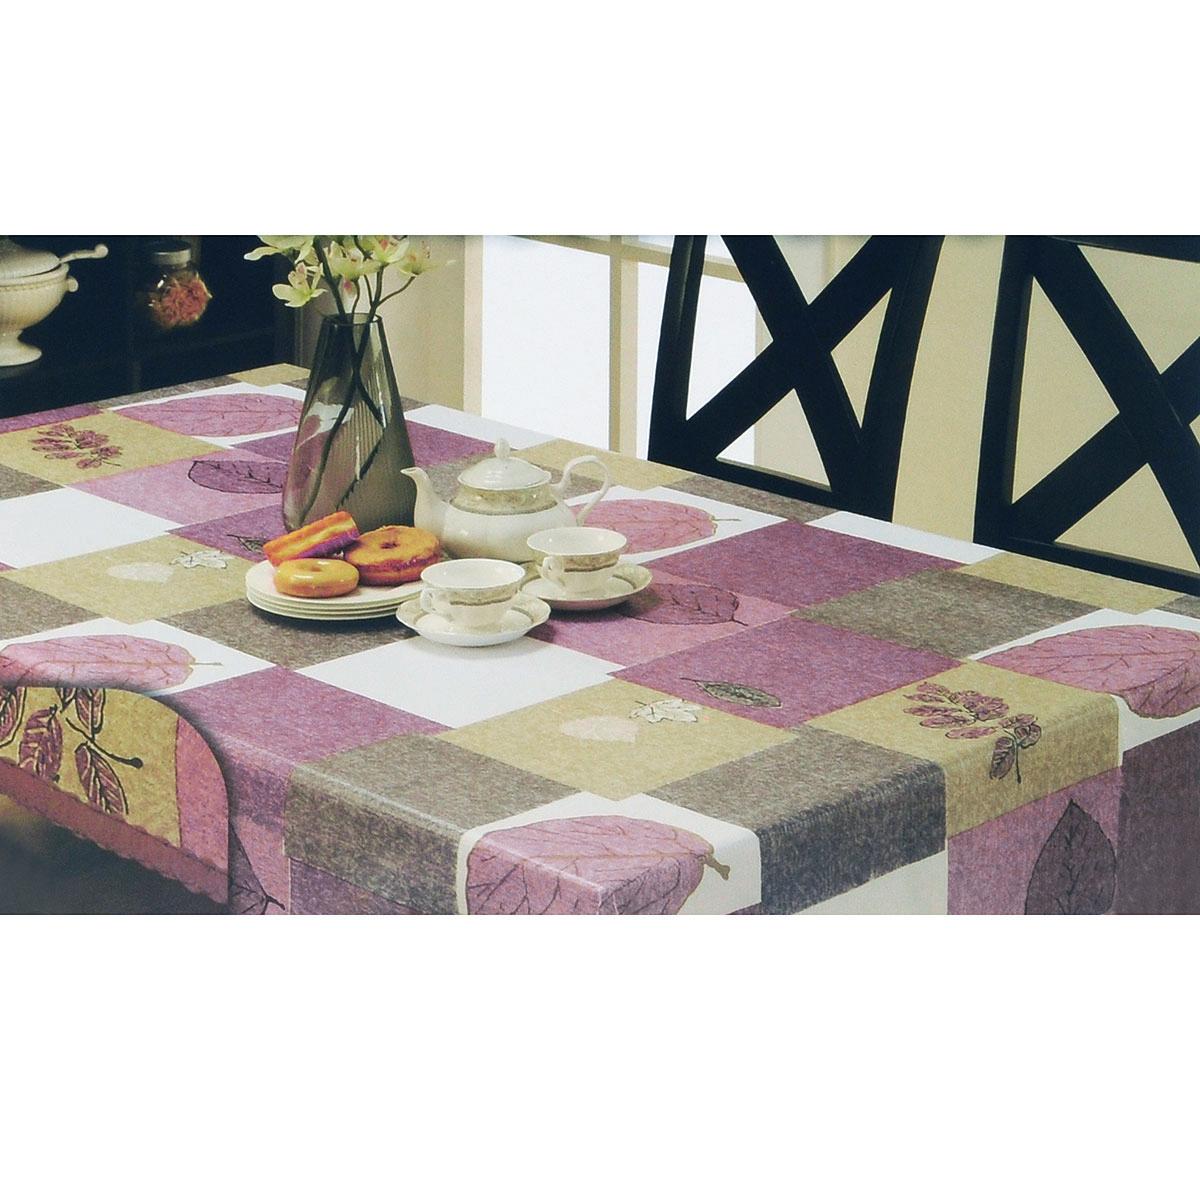 Скатерть White Fox Лист, круглая, цвет: сиреневый, серый, диаметр 152 смWКTC72-263Круглая скатерть White Fox Лист, выполненная из ПВХ с основой из флиса, предназначена для защиты стола от царапин, пятен и крошек. Край скатерти обработан строчкой. Скатерть оформлена изображением листочков, а рифлёная поверхность формирует приятные тактильные ощущения, при этом частички пищи удаляются с легкостью и поверхность остается всегда чистой. Скатерть термостойкая, выдерживает температуру до +70 °C. Скатерть White Fox проста в уходе - её можно протирать любыми моющими средствами при необходимости. Скатерть упакована в виниловый пакет с внутренним цветным вкладышем и подвесом в виде крючка.